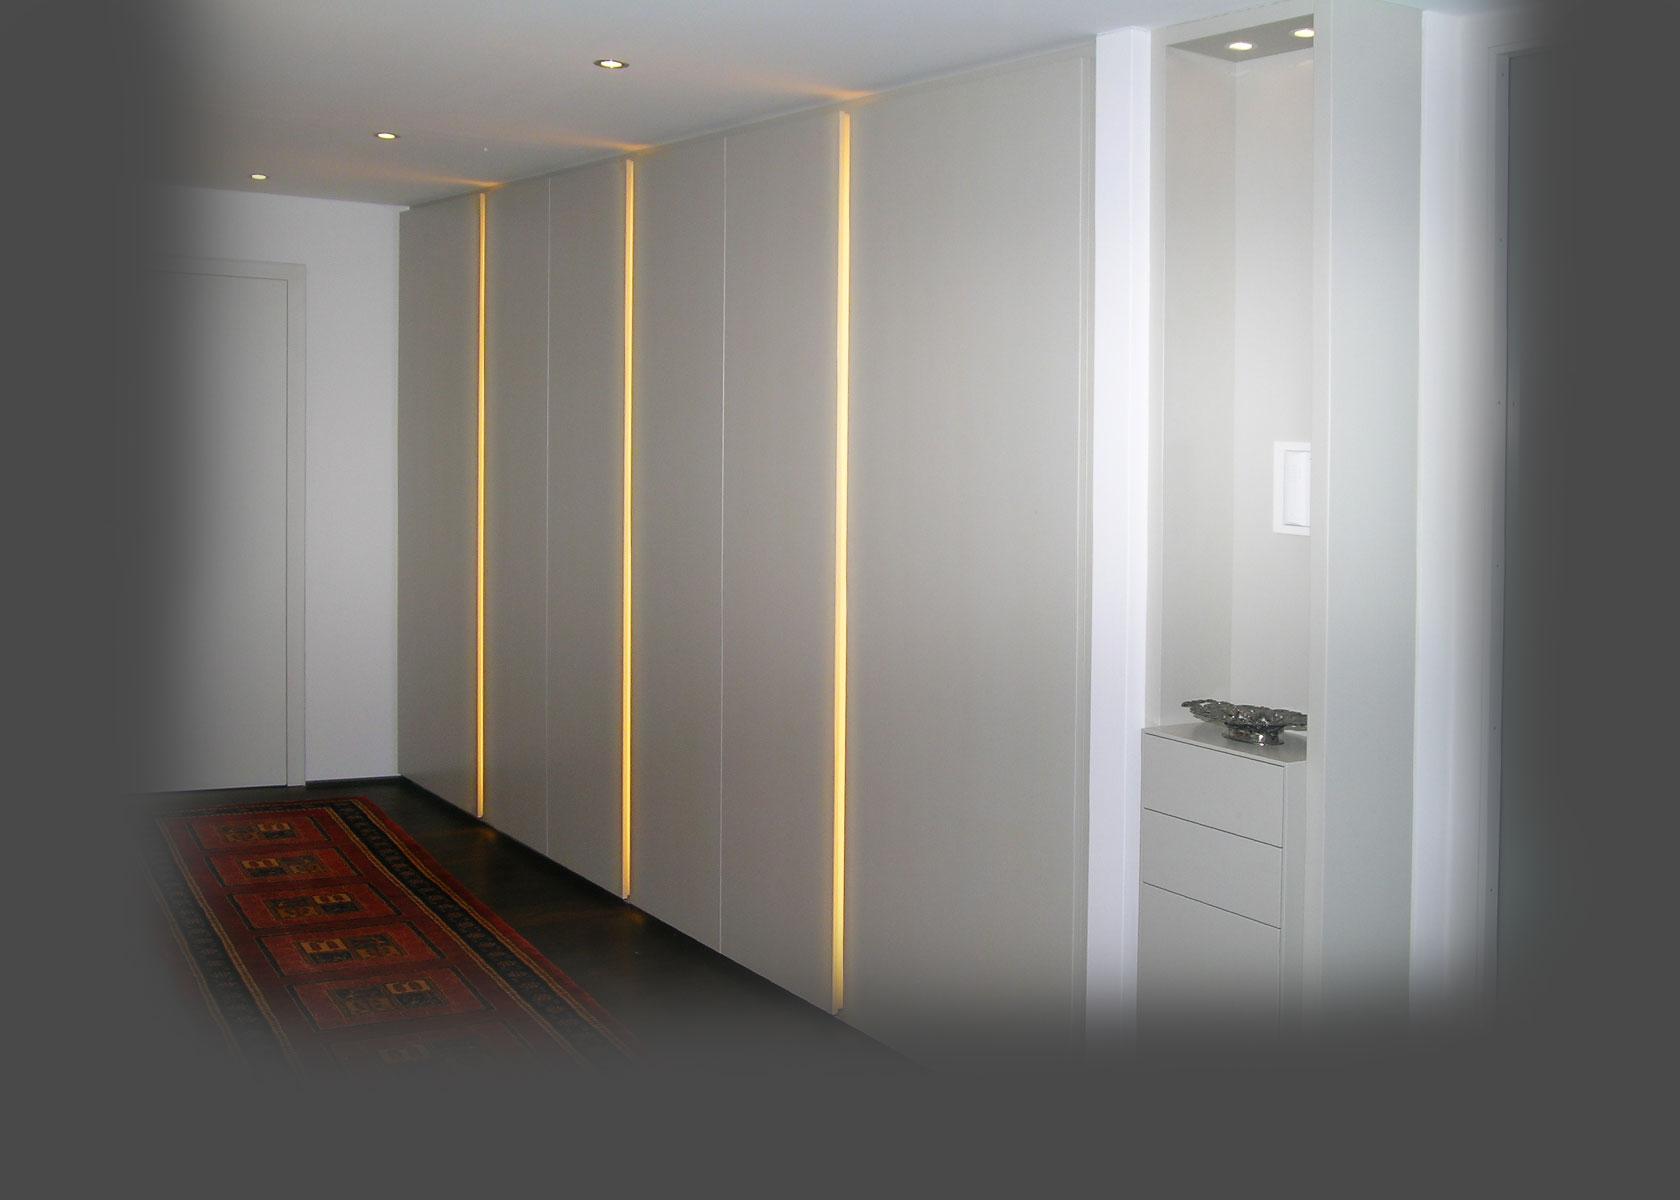 Moderne Deckenverkleidung Schlafzimmer Deckengestaltung